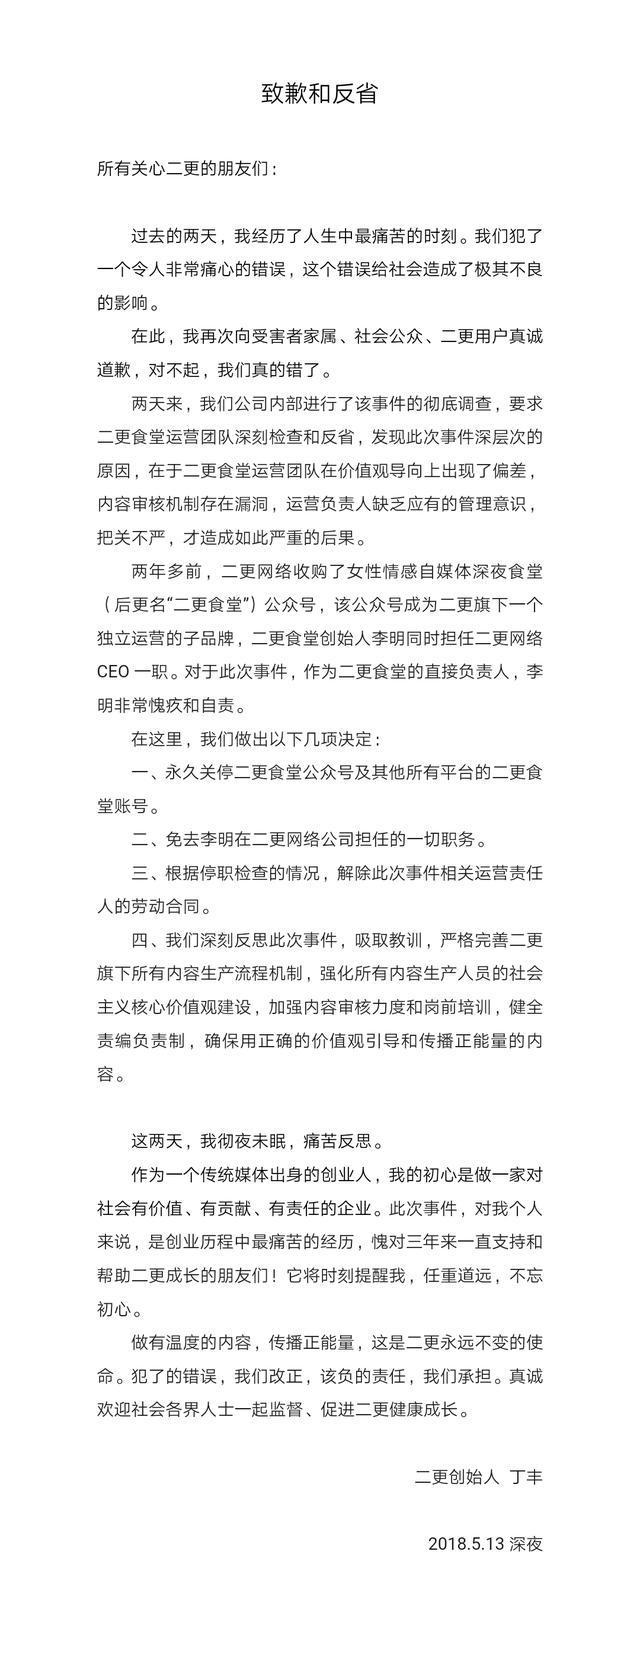 创始人发了道歉信 二更食堂永久关闭  CEO李明被免职